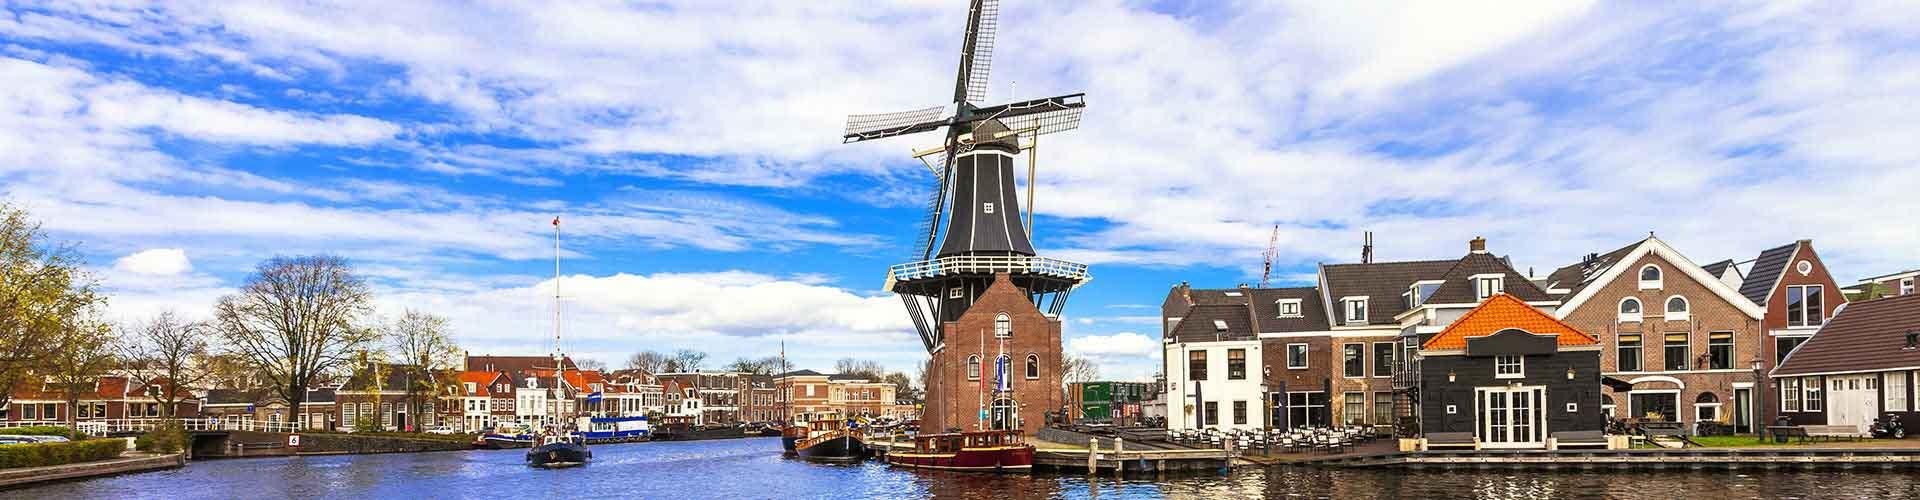 Haarlem - Habitaciones en Haarlem. Mapas de Haarlem, Fotos y comentarios de cada Habitación en Haarlem.